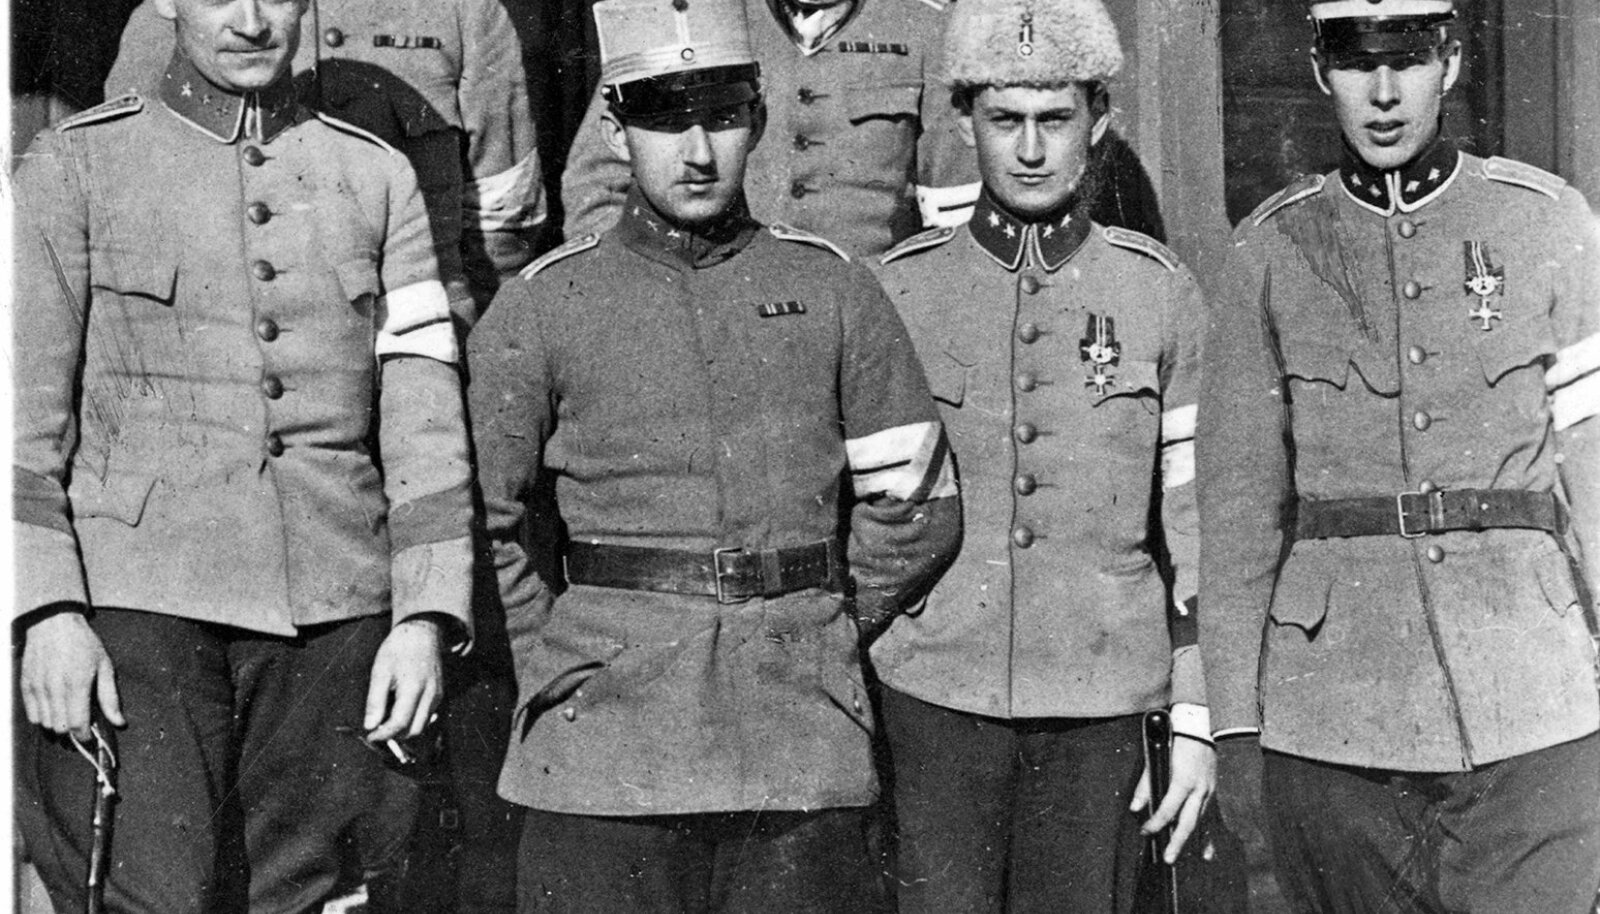 TULEVANE PIIRITUSEVEDAJA: Rootsi vabatahtlike kompanii ohvitsere vabadussõjas 1919. aastal. Esimeses reas vasakult teine kompanii ülem kapten Carl Malmberg.